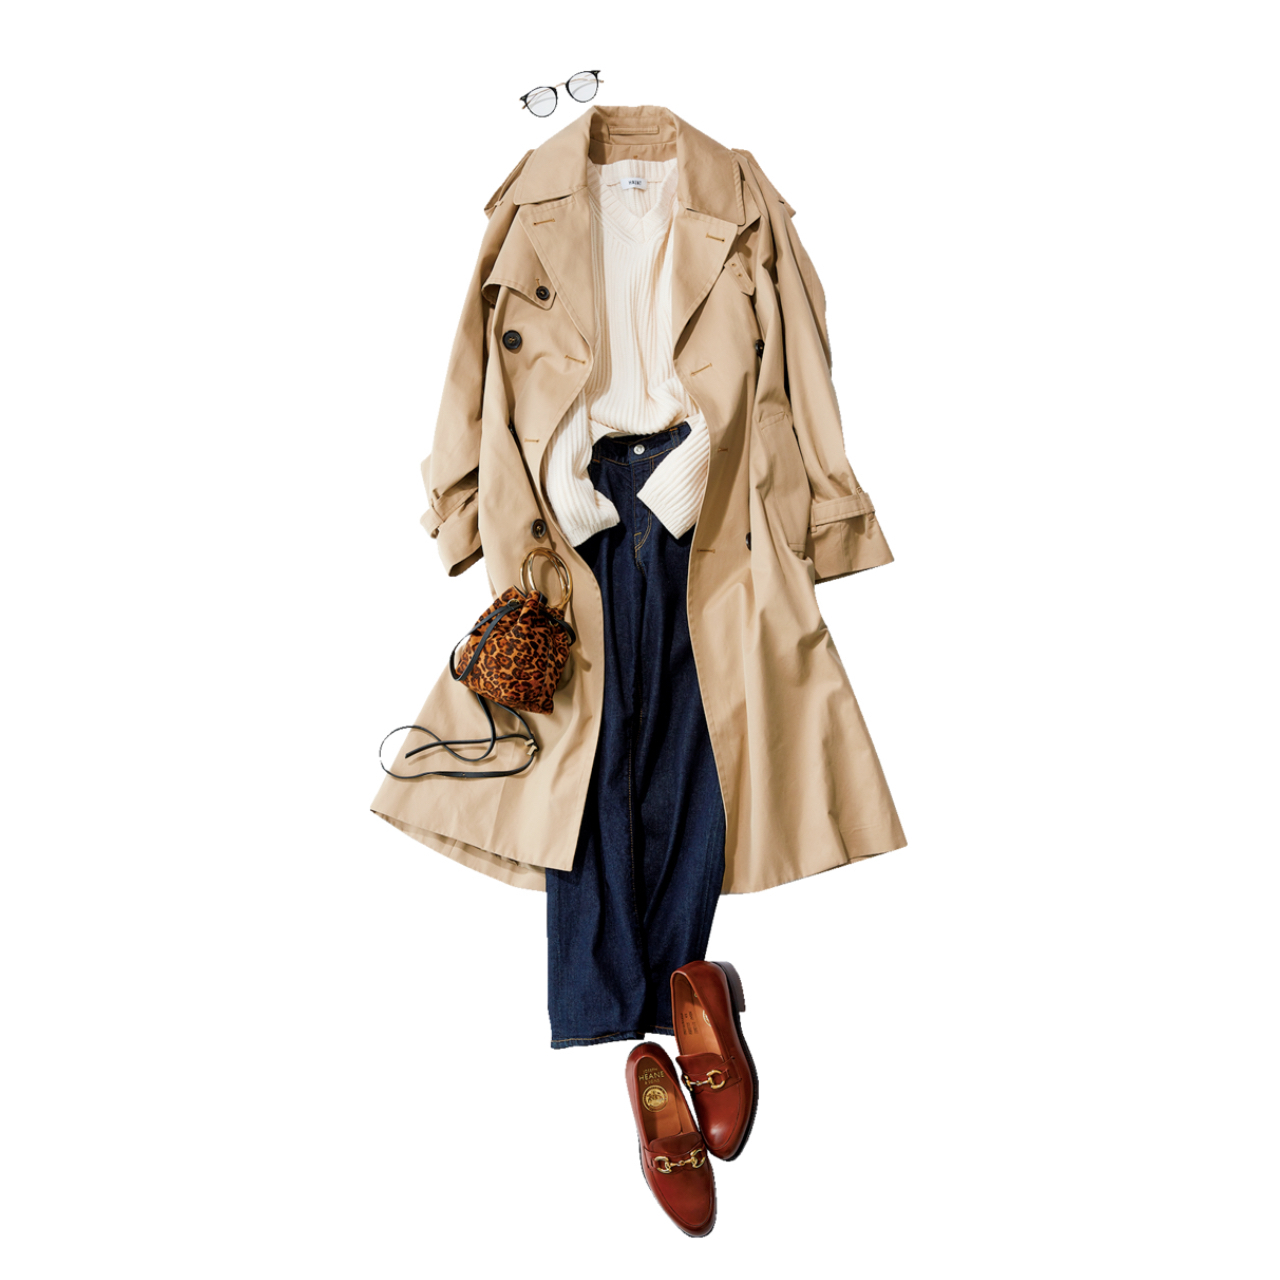 ベージュのトレンチコート×白ニット&デニムパンツのファッションコーデ